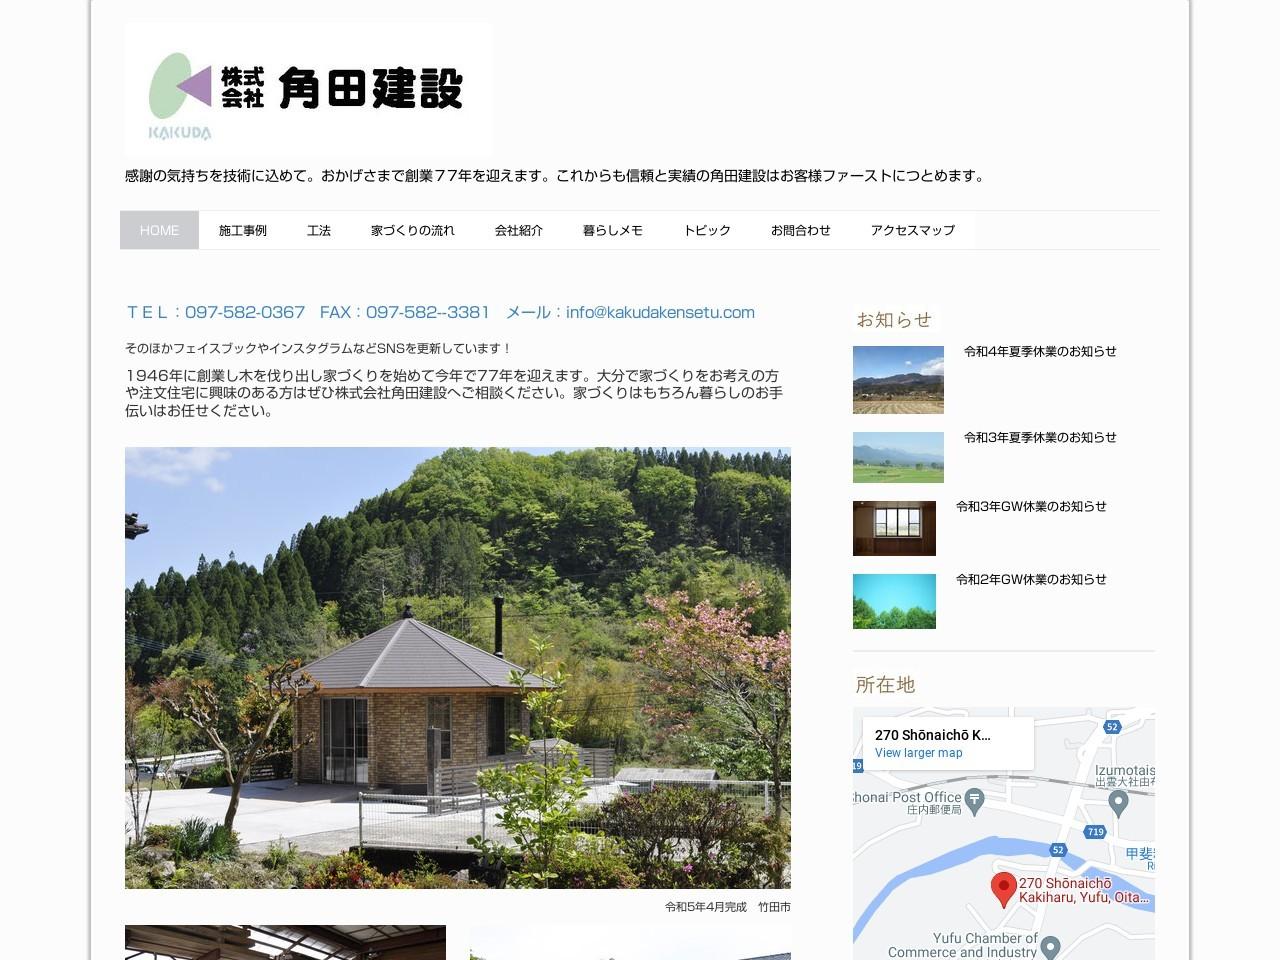 株式会社角田建設一級建築士事務所